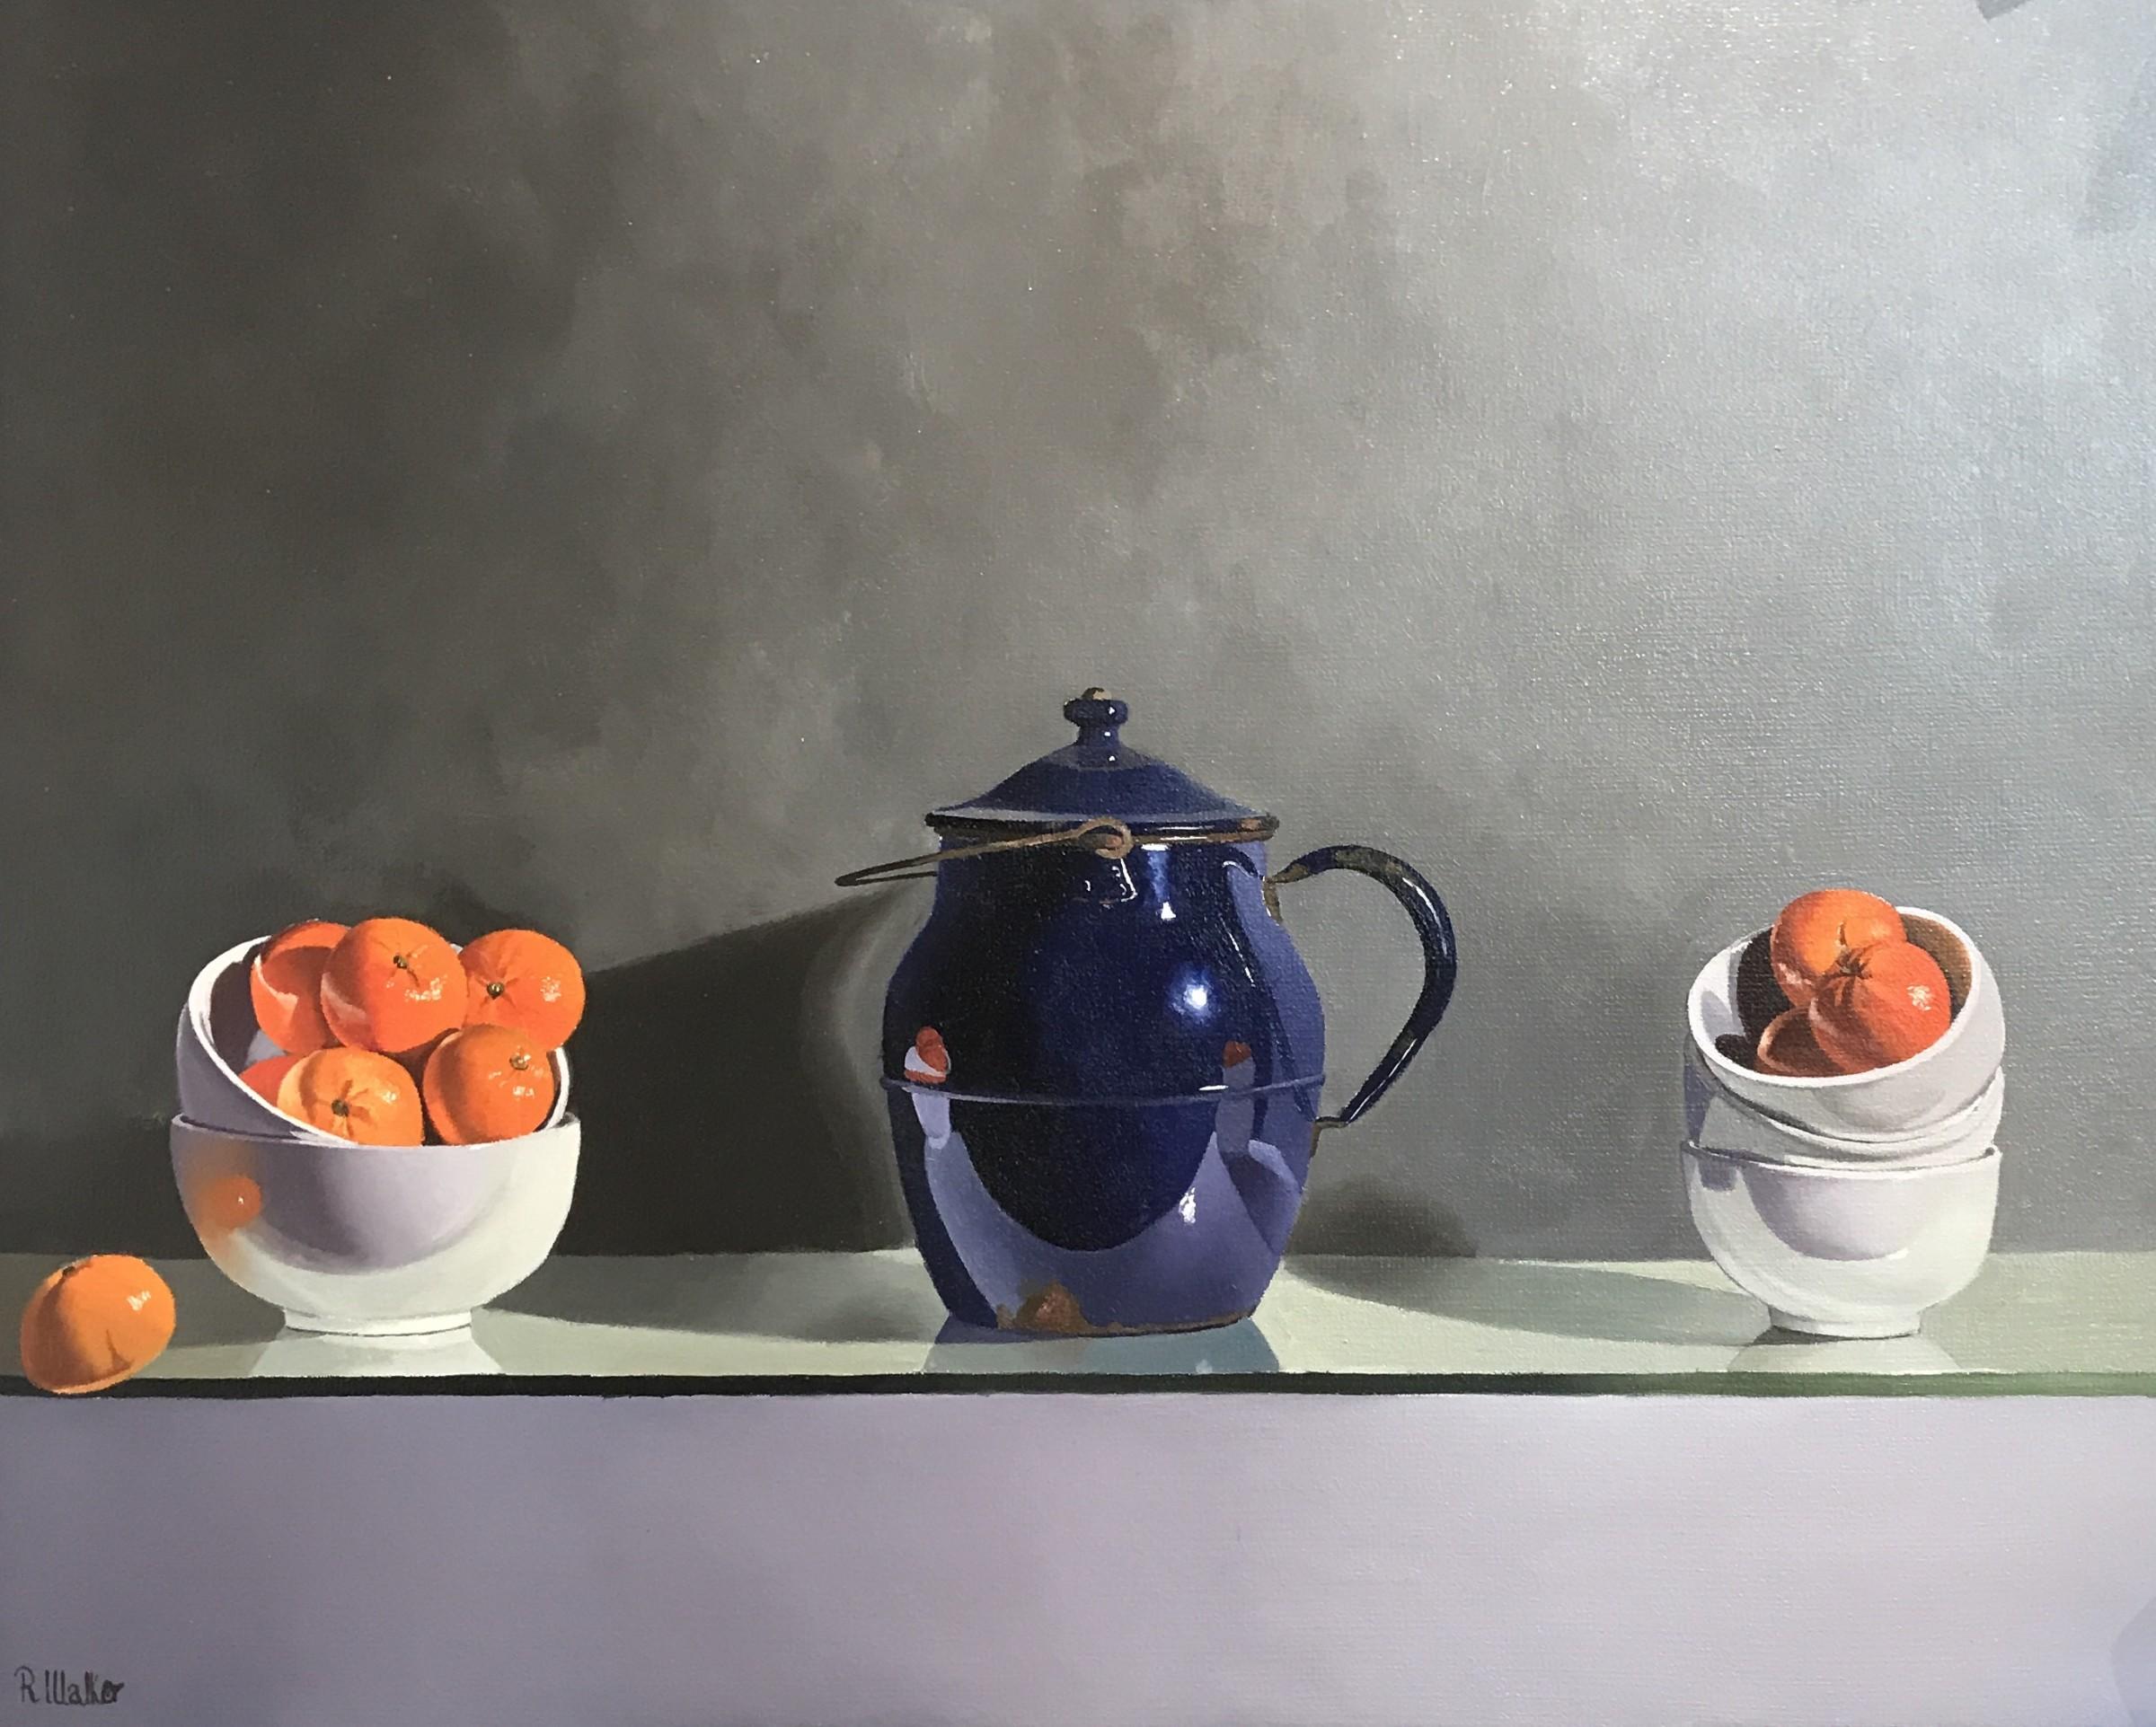 <span class=&#34;link fancybox-details-link&#34;><a href=&#34;/artists/67-robert-walker/works/625-robert-walker-white-bowls-in-hong-kong/&#34;>View Detail Page</a></span><div class=&#34;artist&#34;><strong>Robert Walker</strong></div> <div class=&#34;title&#34;><em>White Bowls</em>, In Hong Kong</div> <div class=&#34;medium&#34;>Oil on Linen </div> <div class=&#34;dimensions&#34;>42 x 52 cm </div>